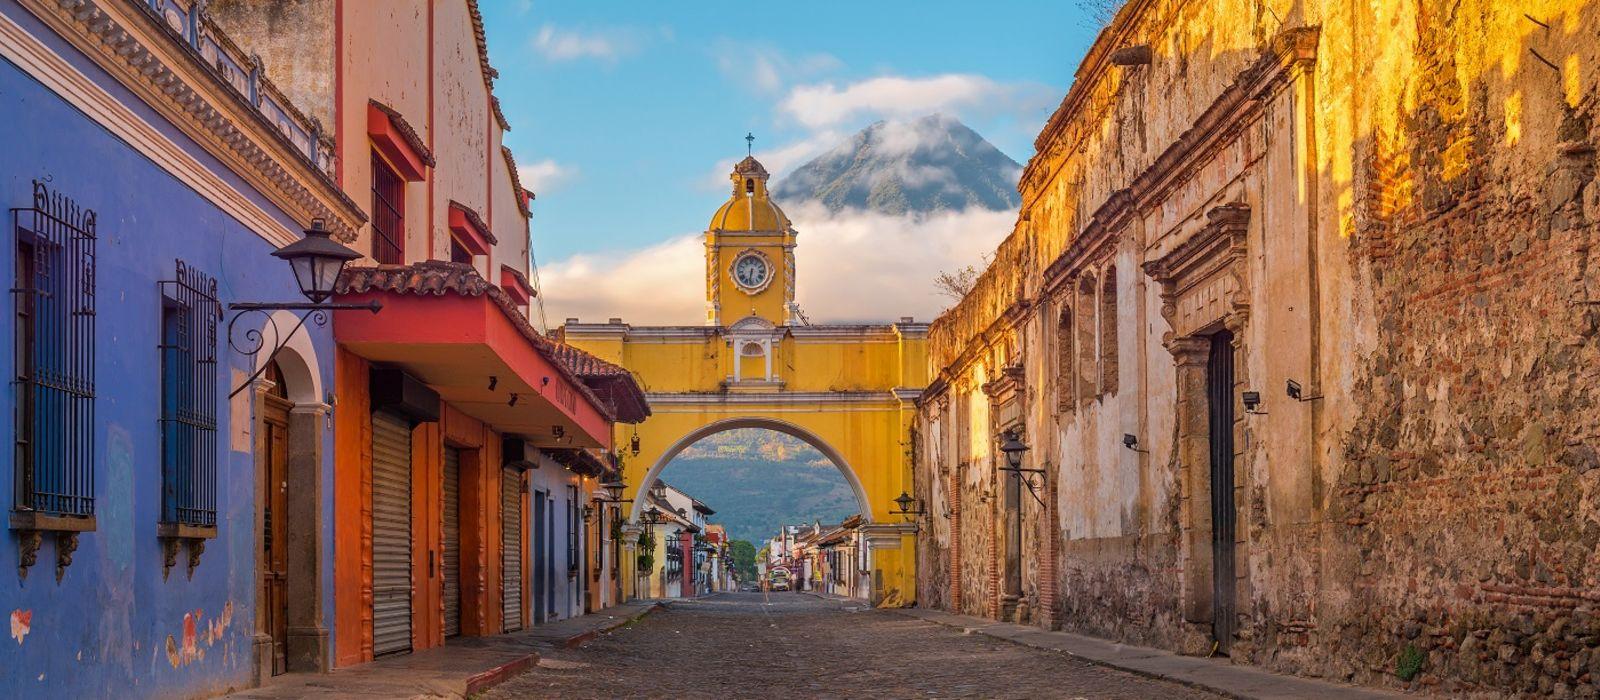 Guatemala Reise – Nationalparks & Vulkanwanderungen Urlaub 6